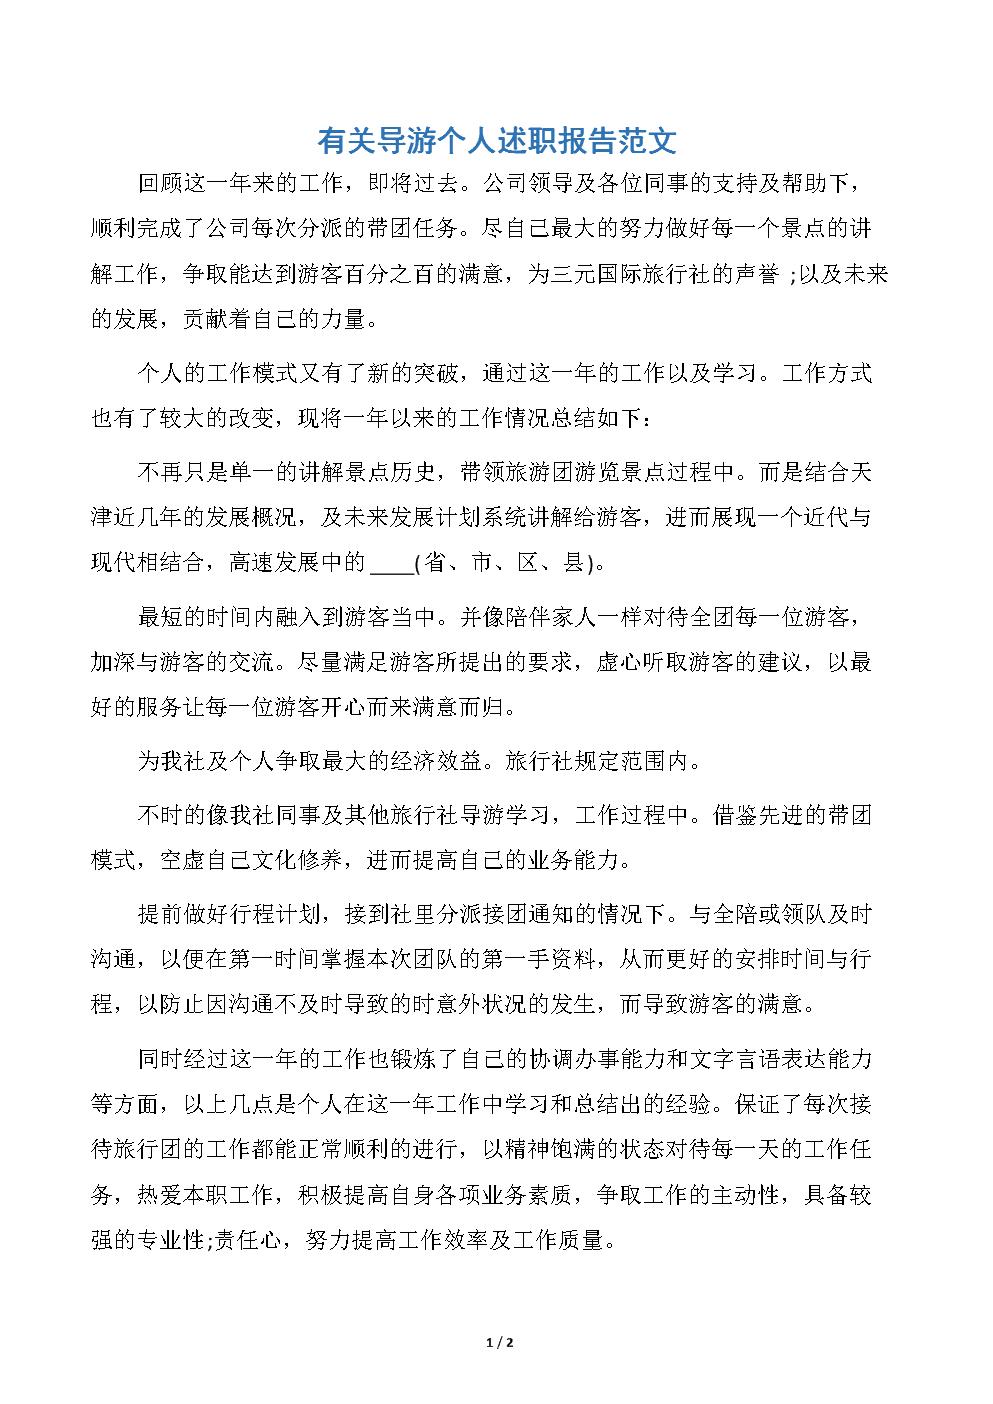 有关导游个人述职报告范文.docx